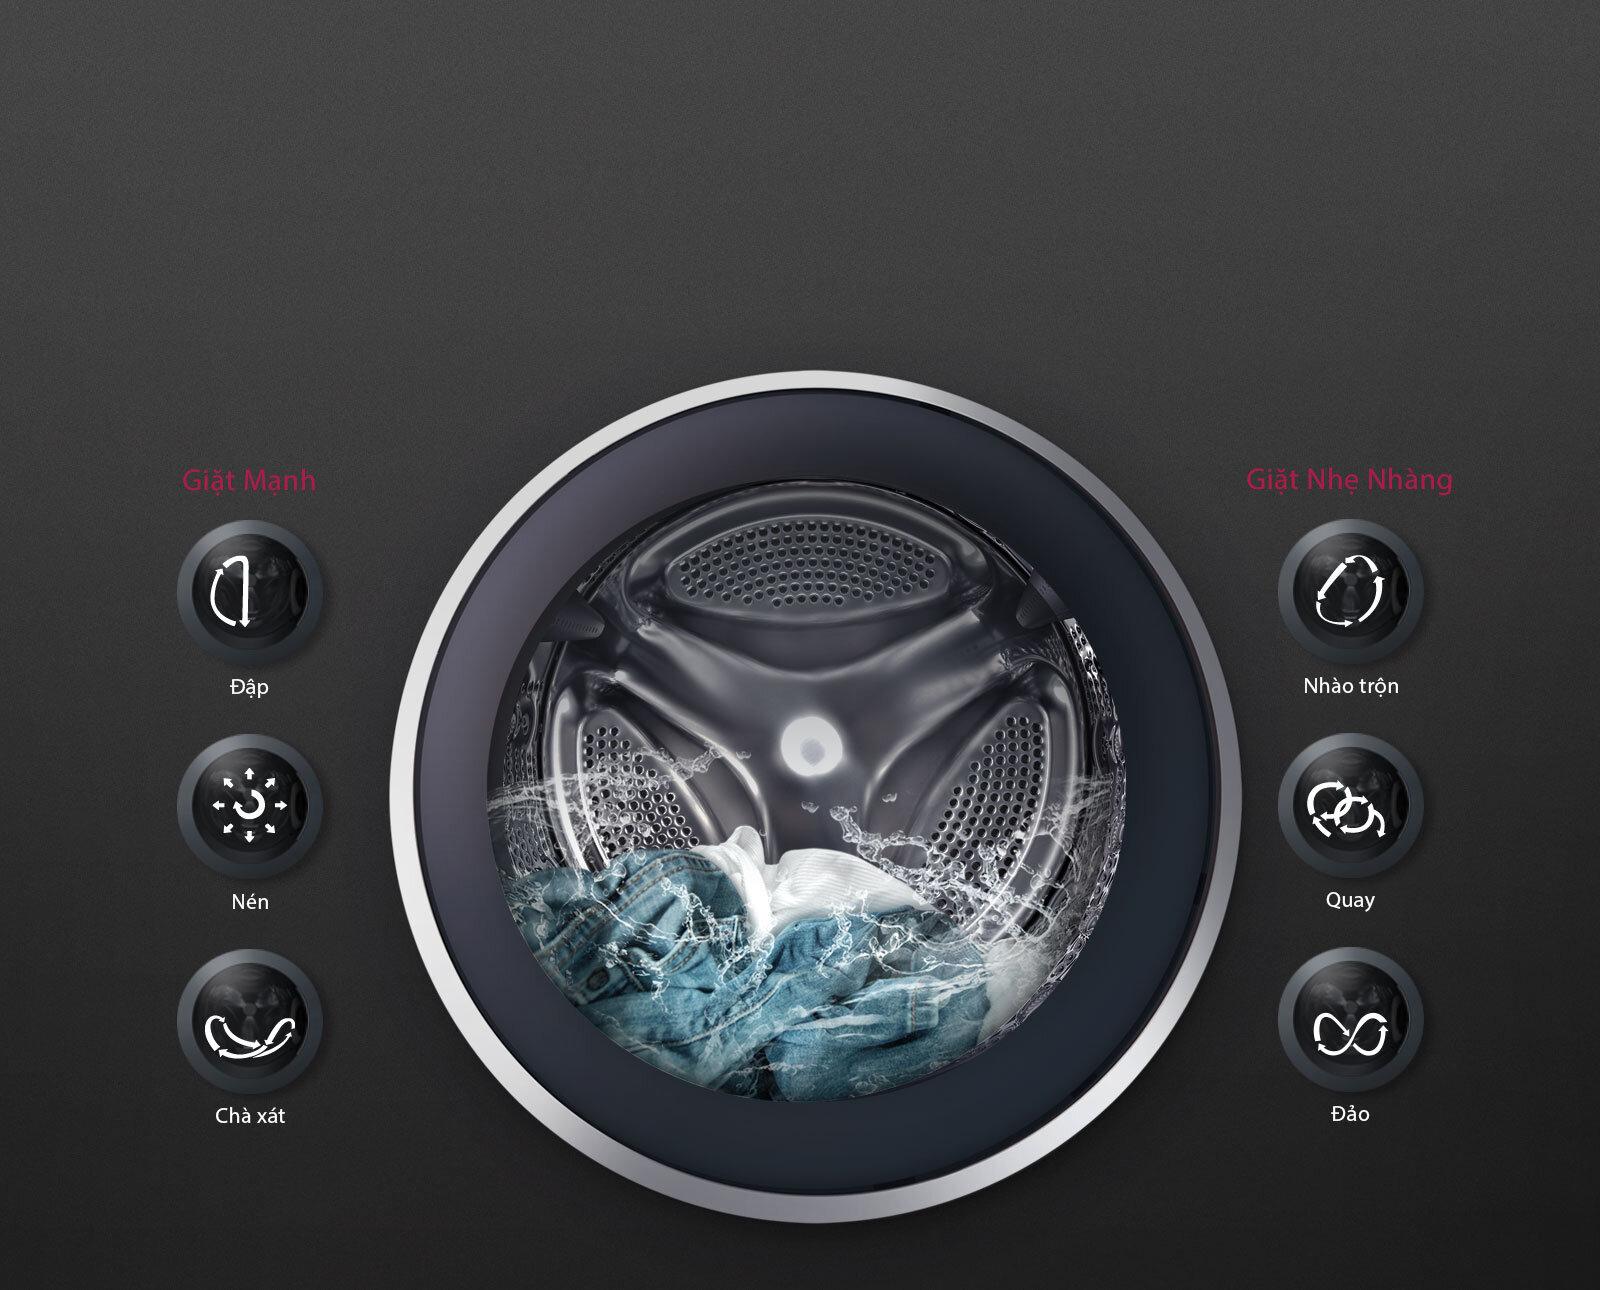 Một số chế độ giặt thông thường của máy giặt LG